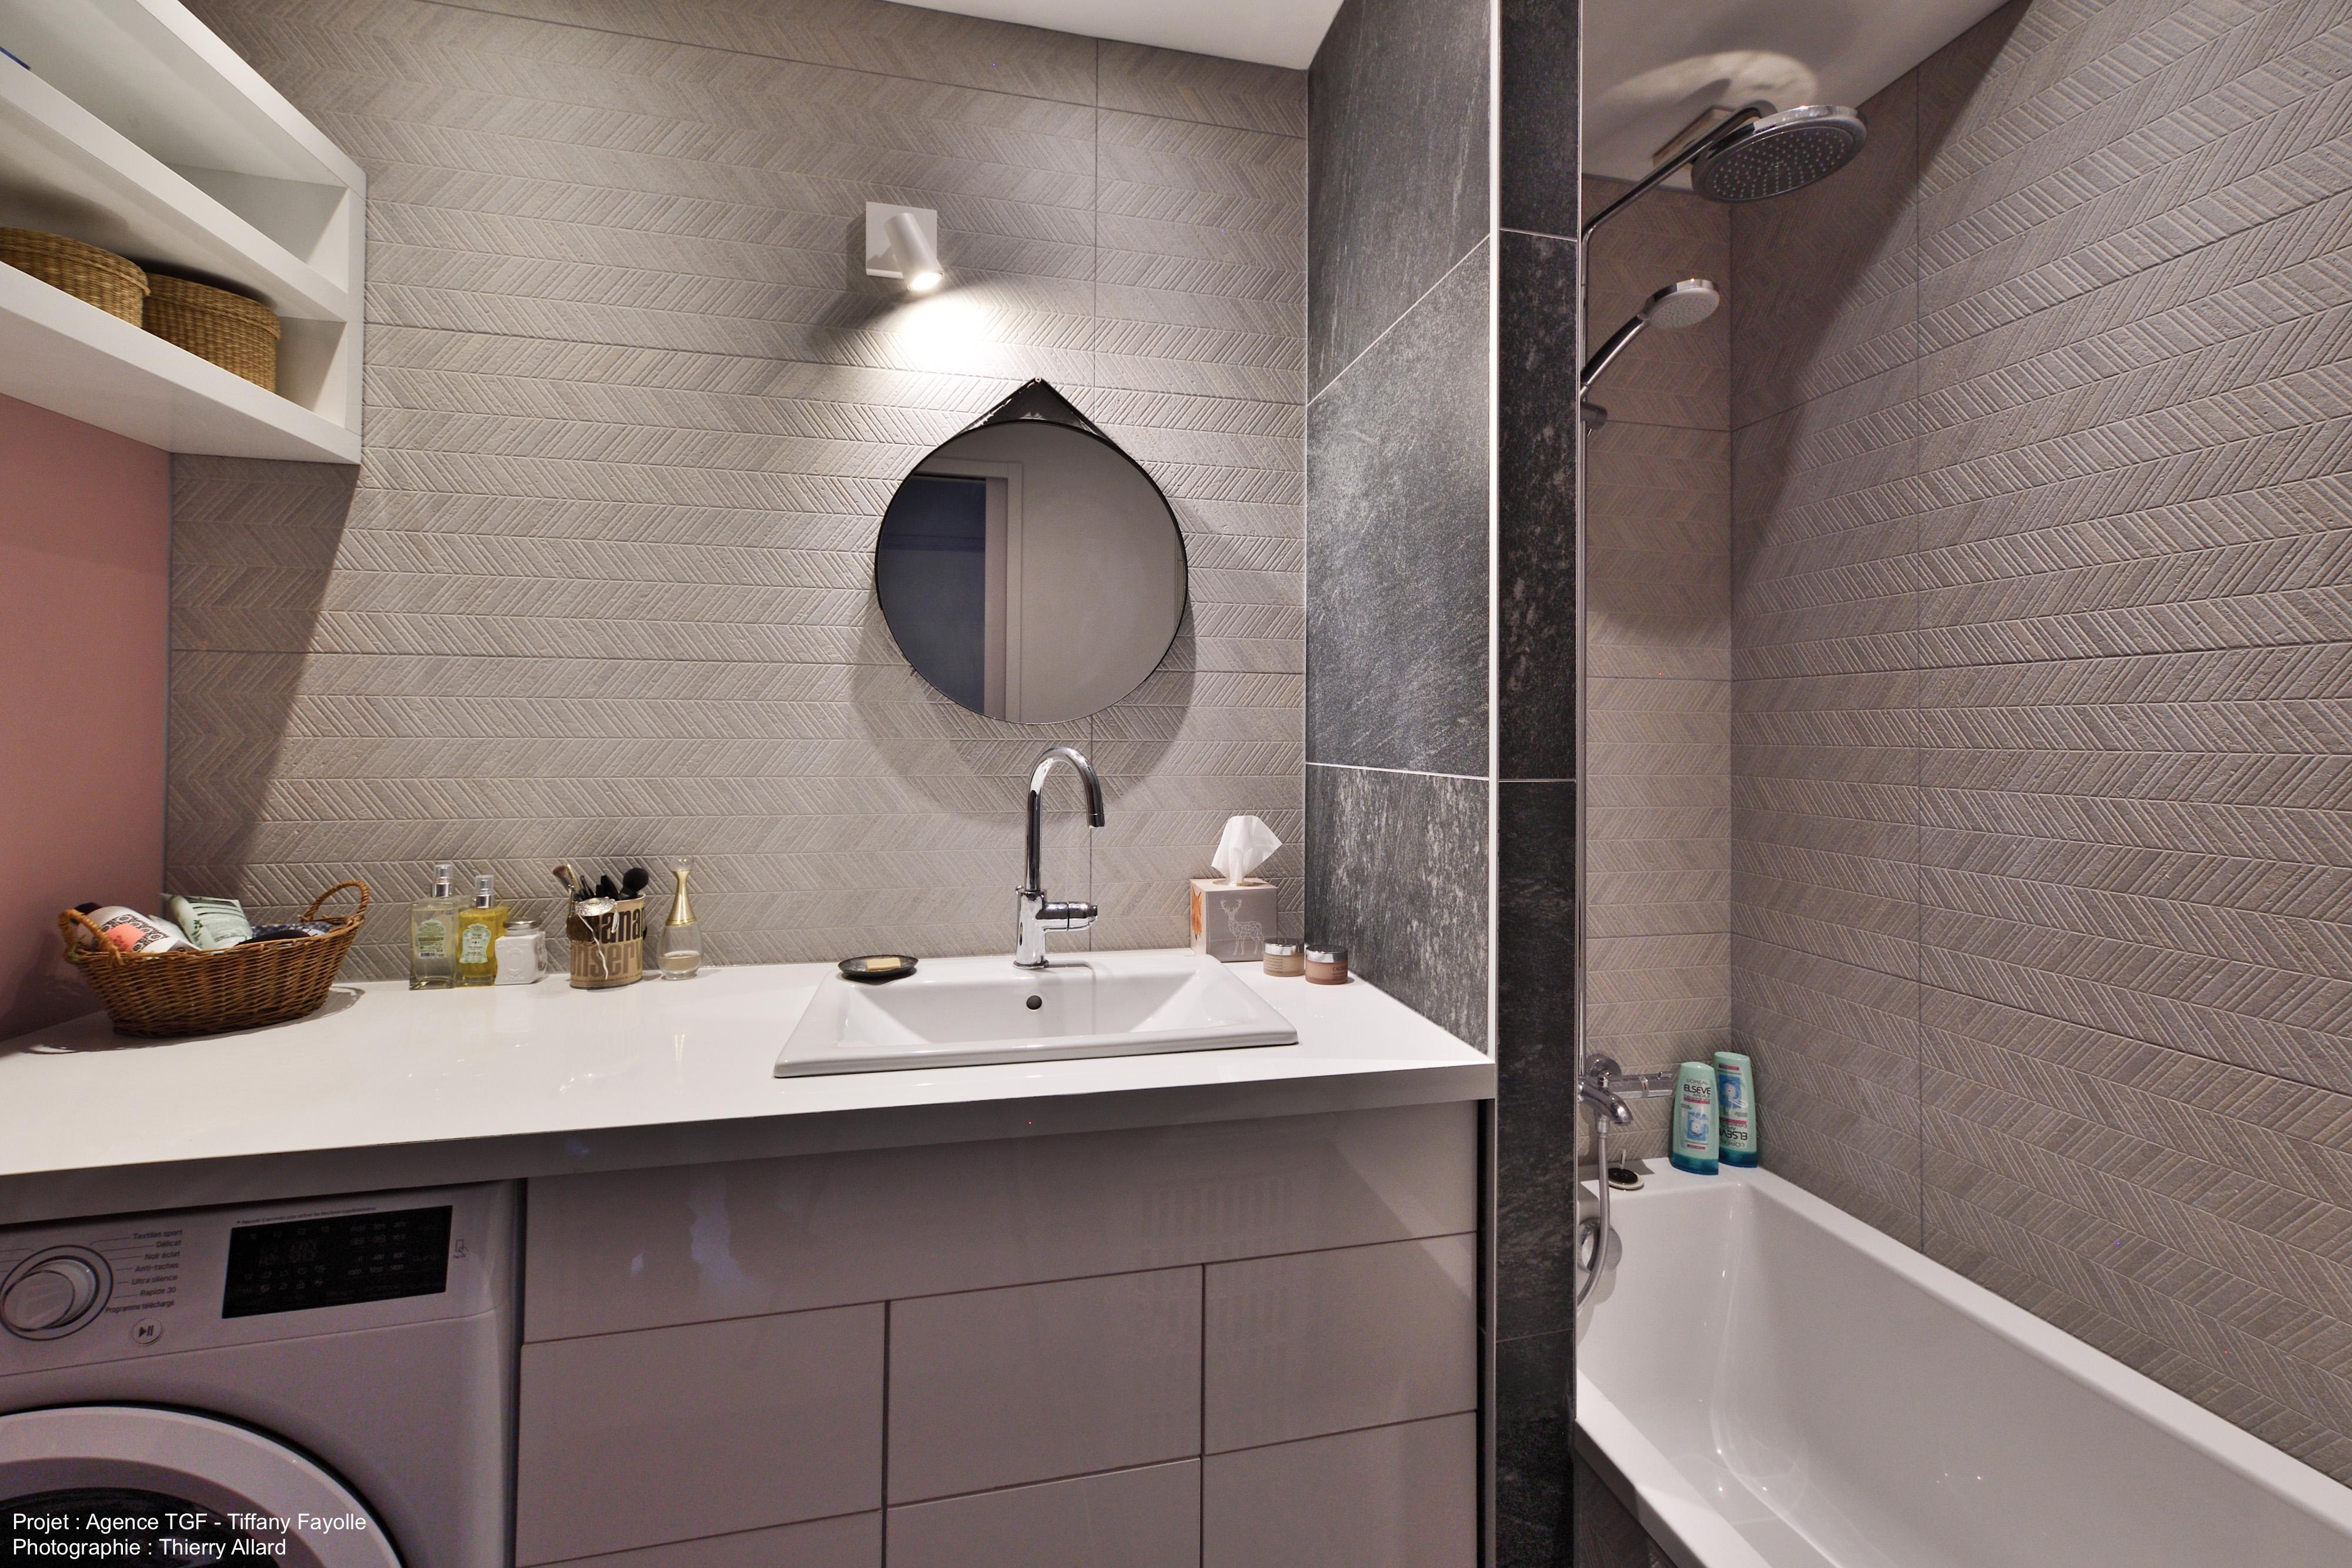 miroir rond et cuir dans salle de bains